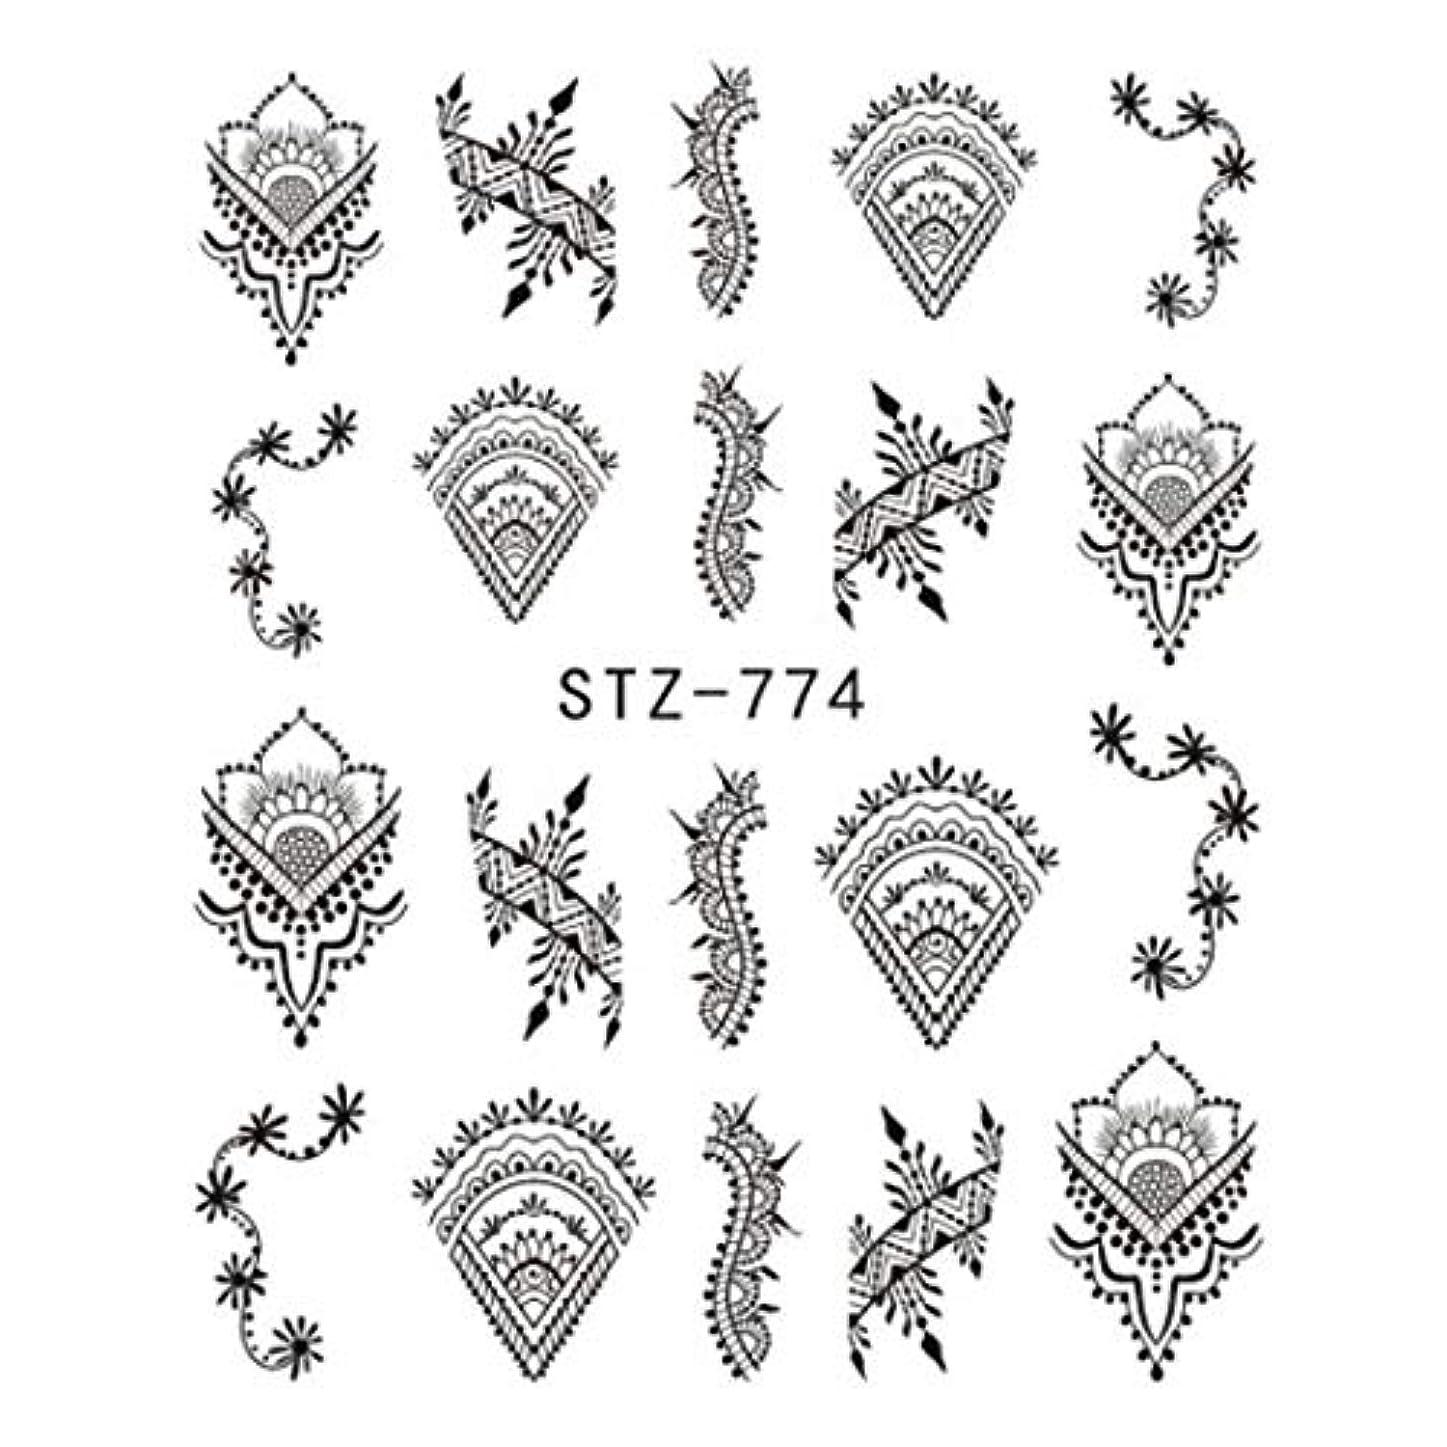 ロゴ気になる石炭SUKTI&XIAO ネイルステッカー 1ピースネイルステッカー美容黒ネックレスジュエリー水転写スライダー用マニキュアネイルアート装飾、Stz774